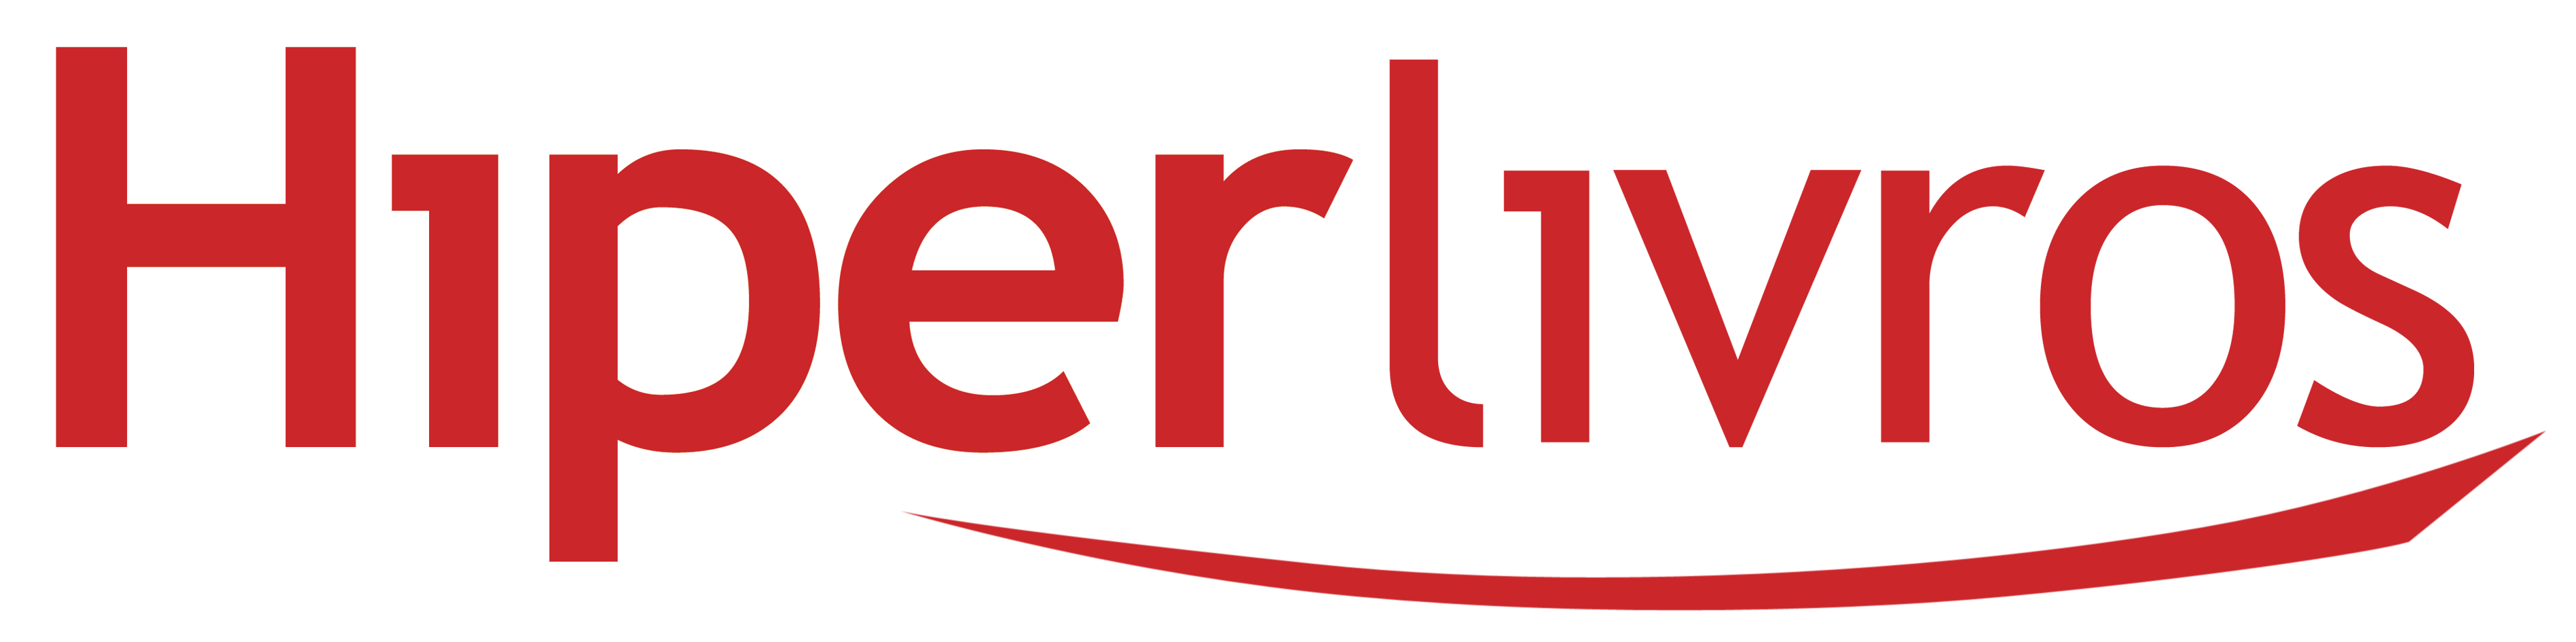 Hiperlivros